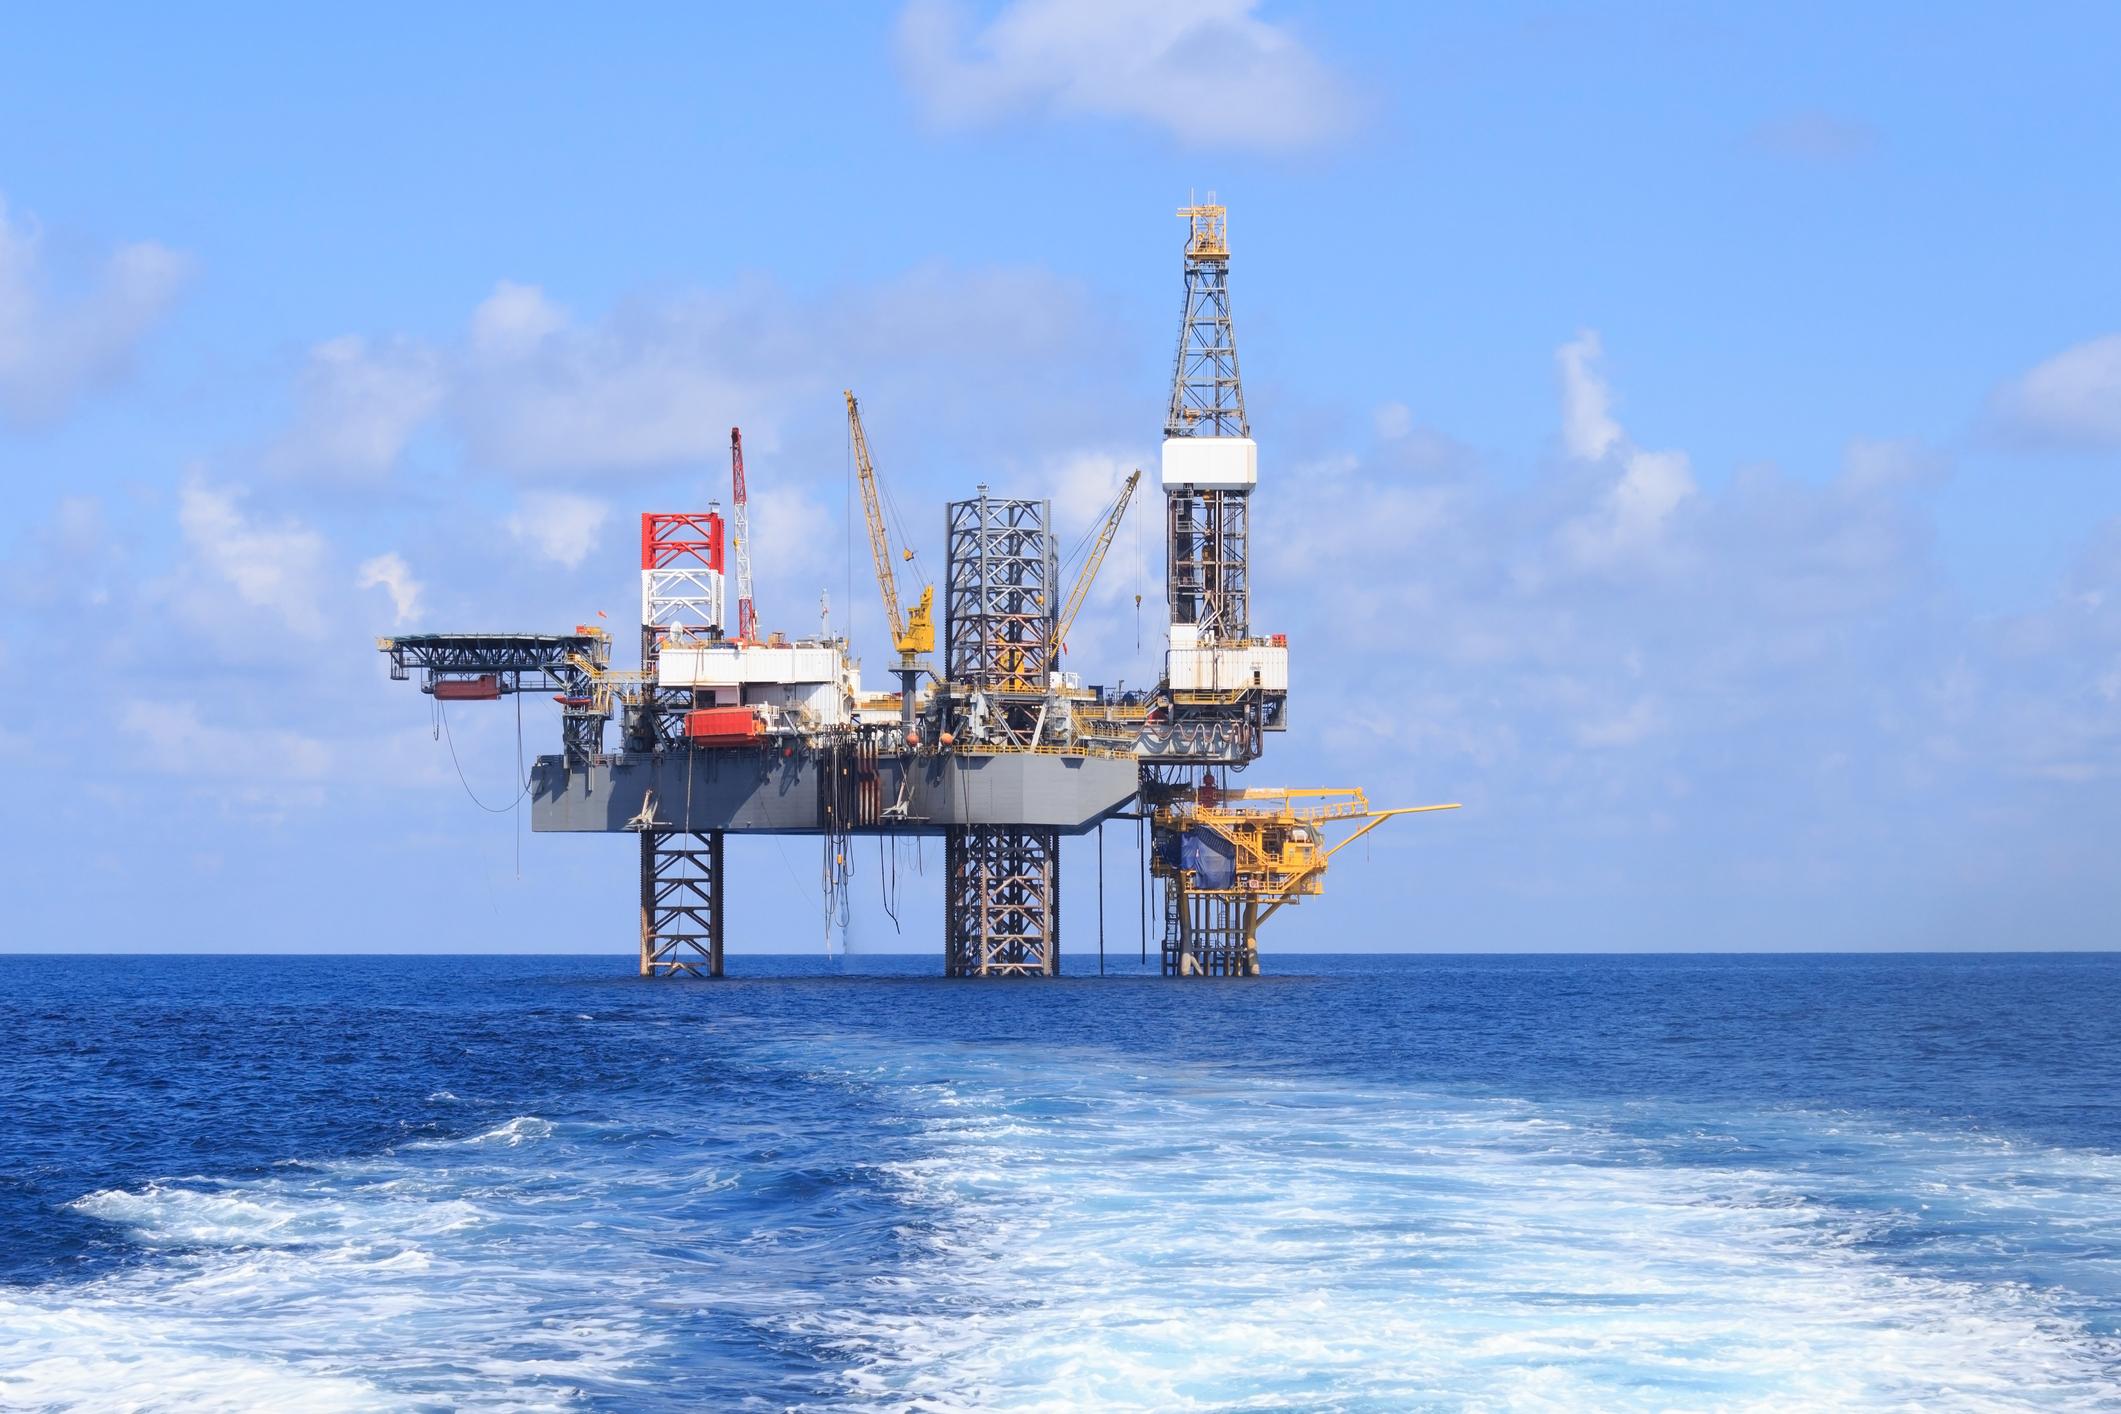 Ocean oil drilling platform